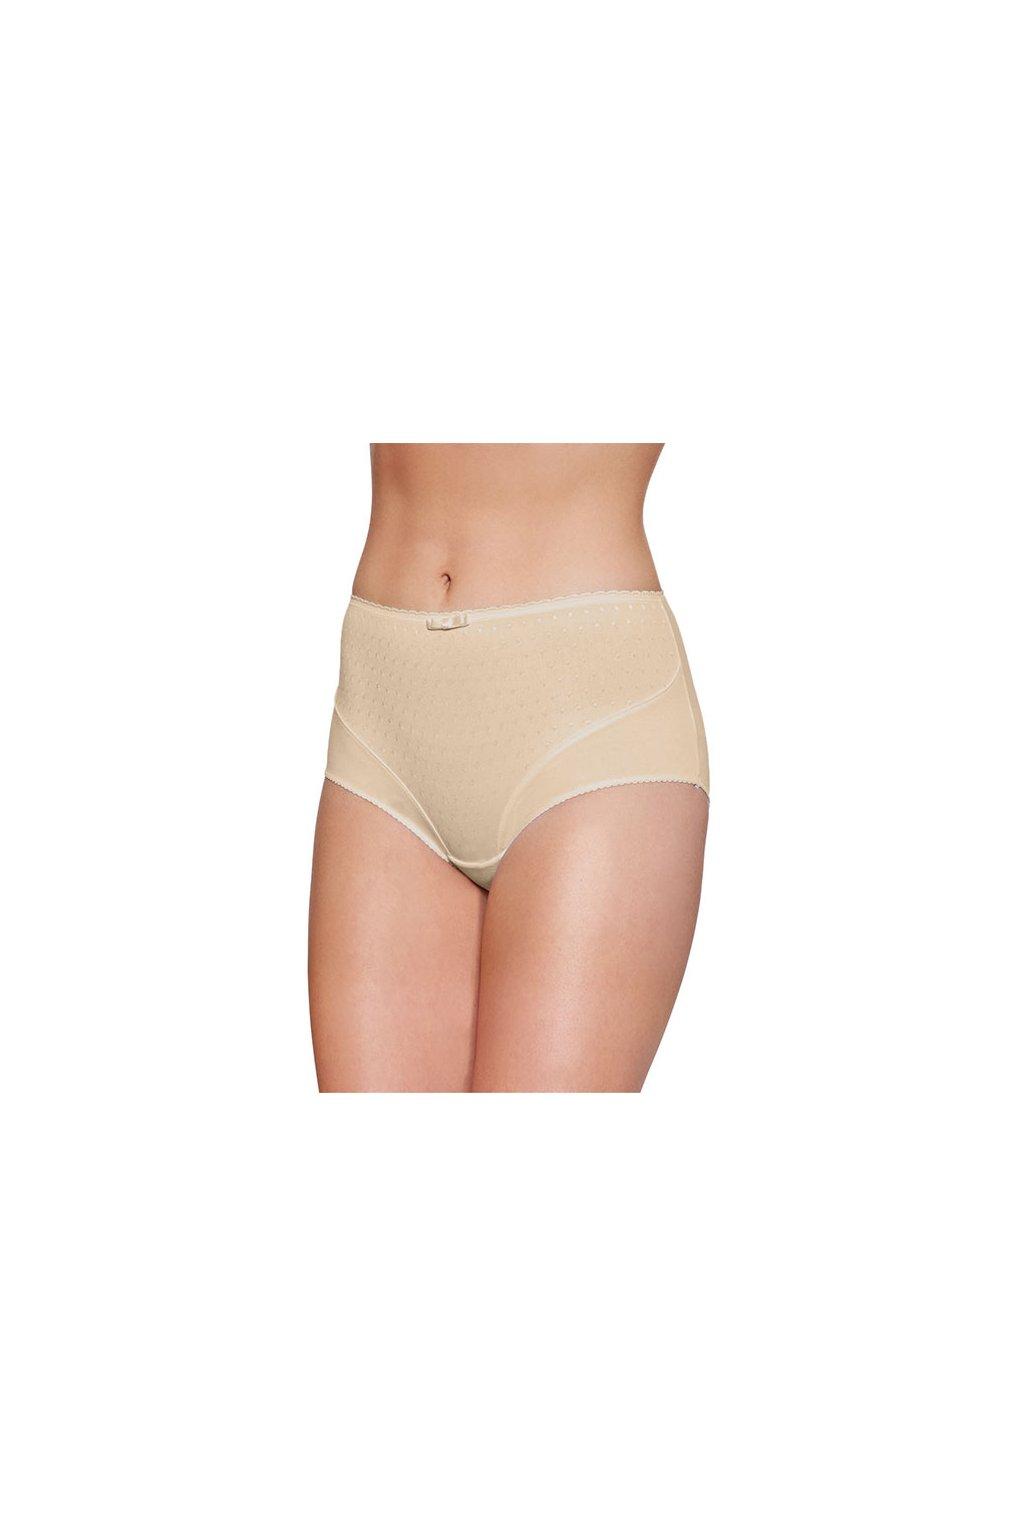 Dámské kalhotky, 100117 210, béžová